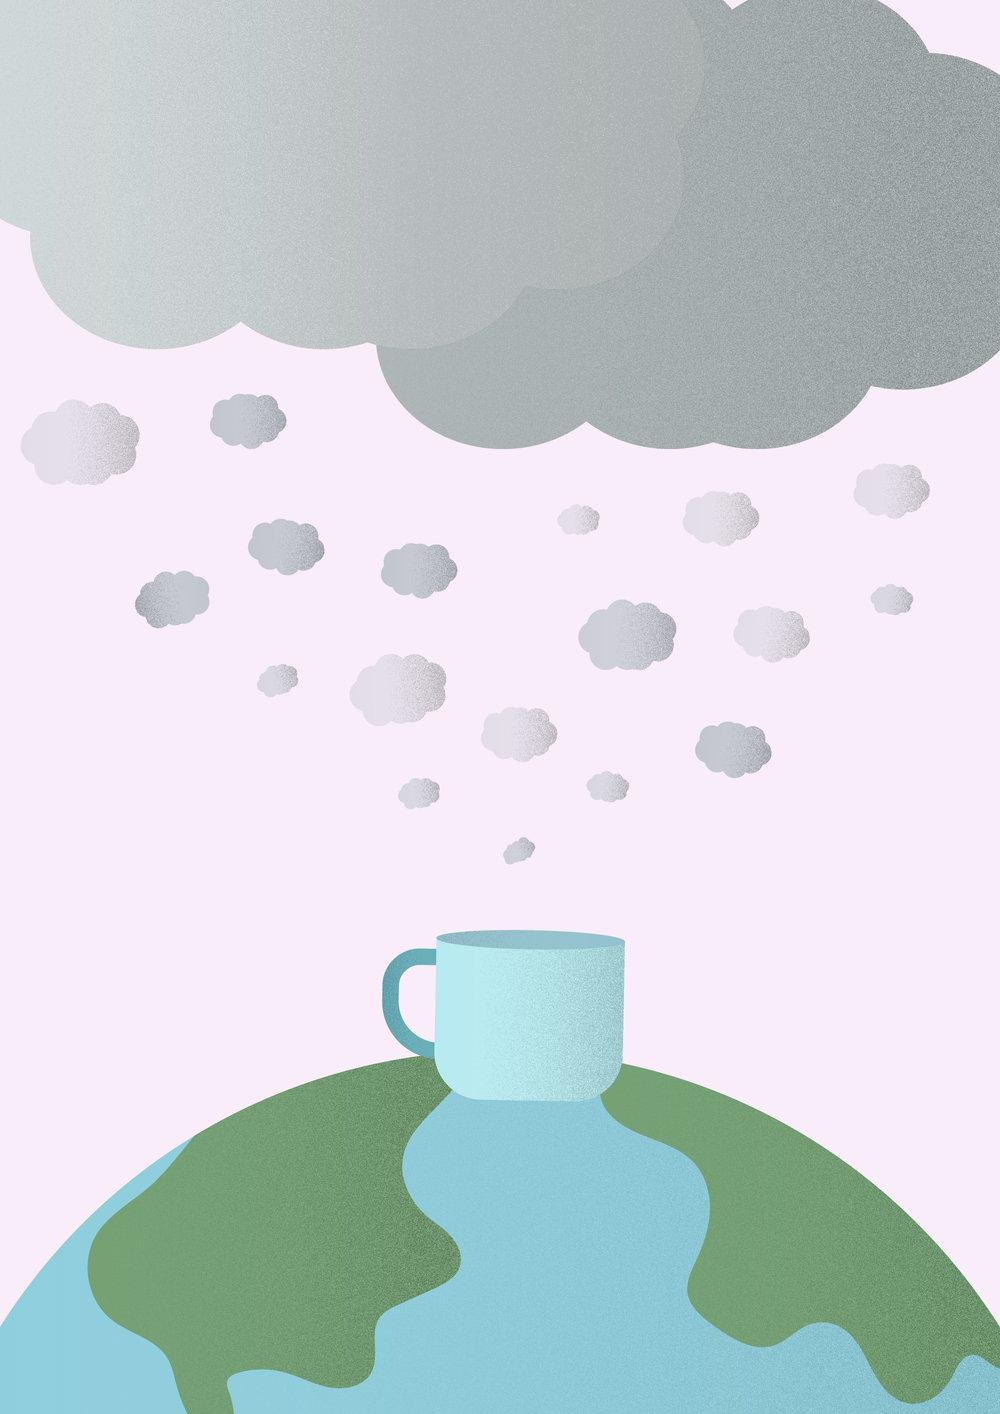 coffeeArtboard 1.jpg